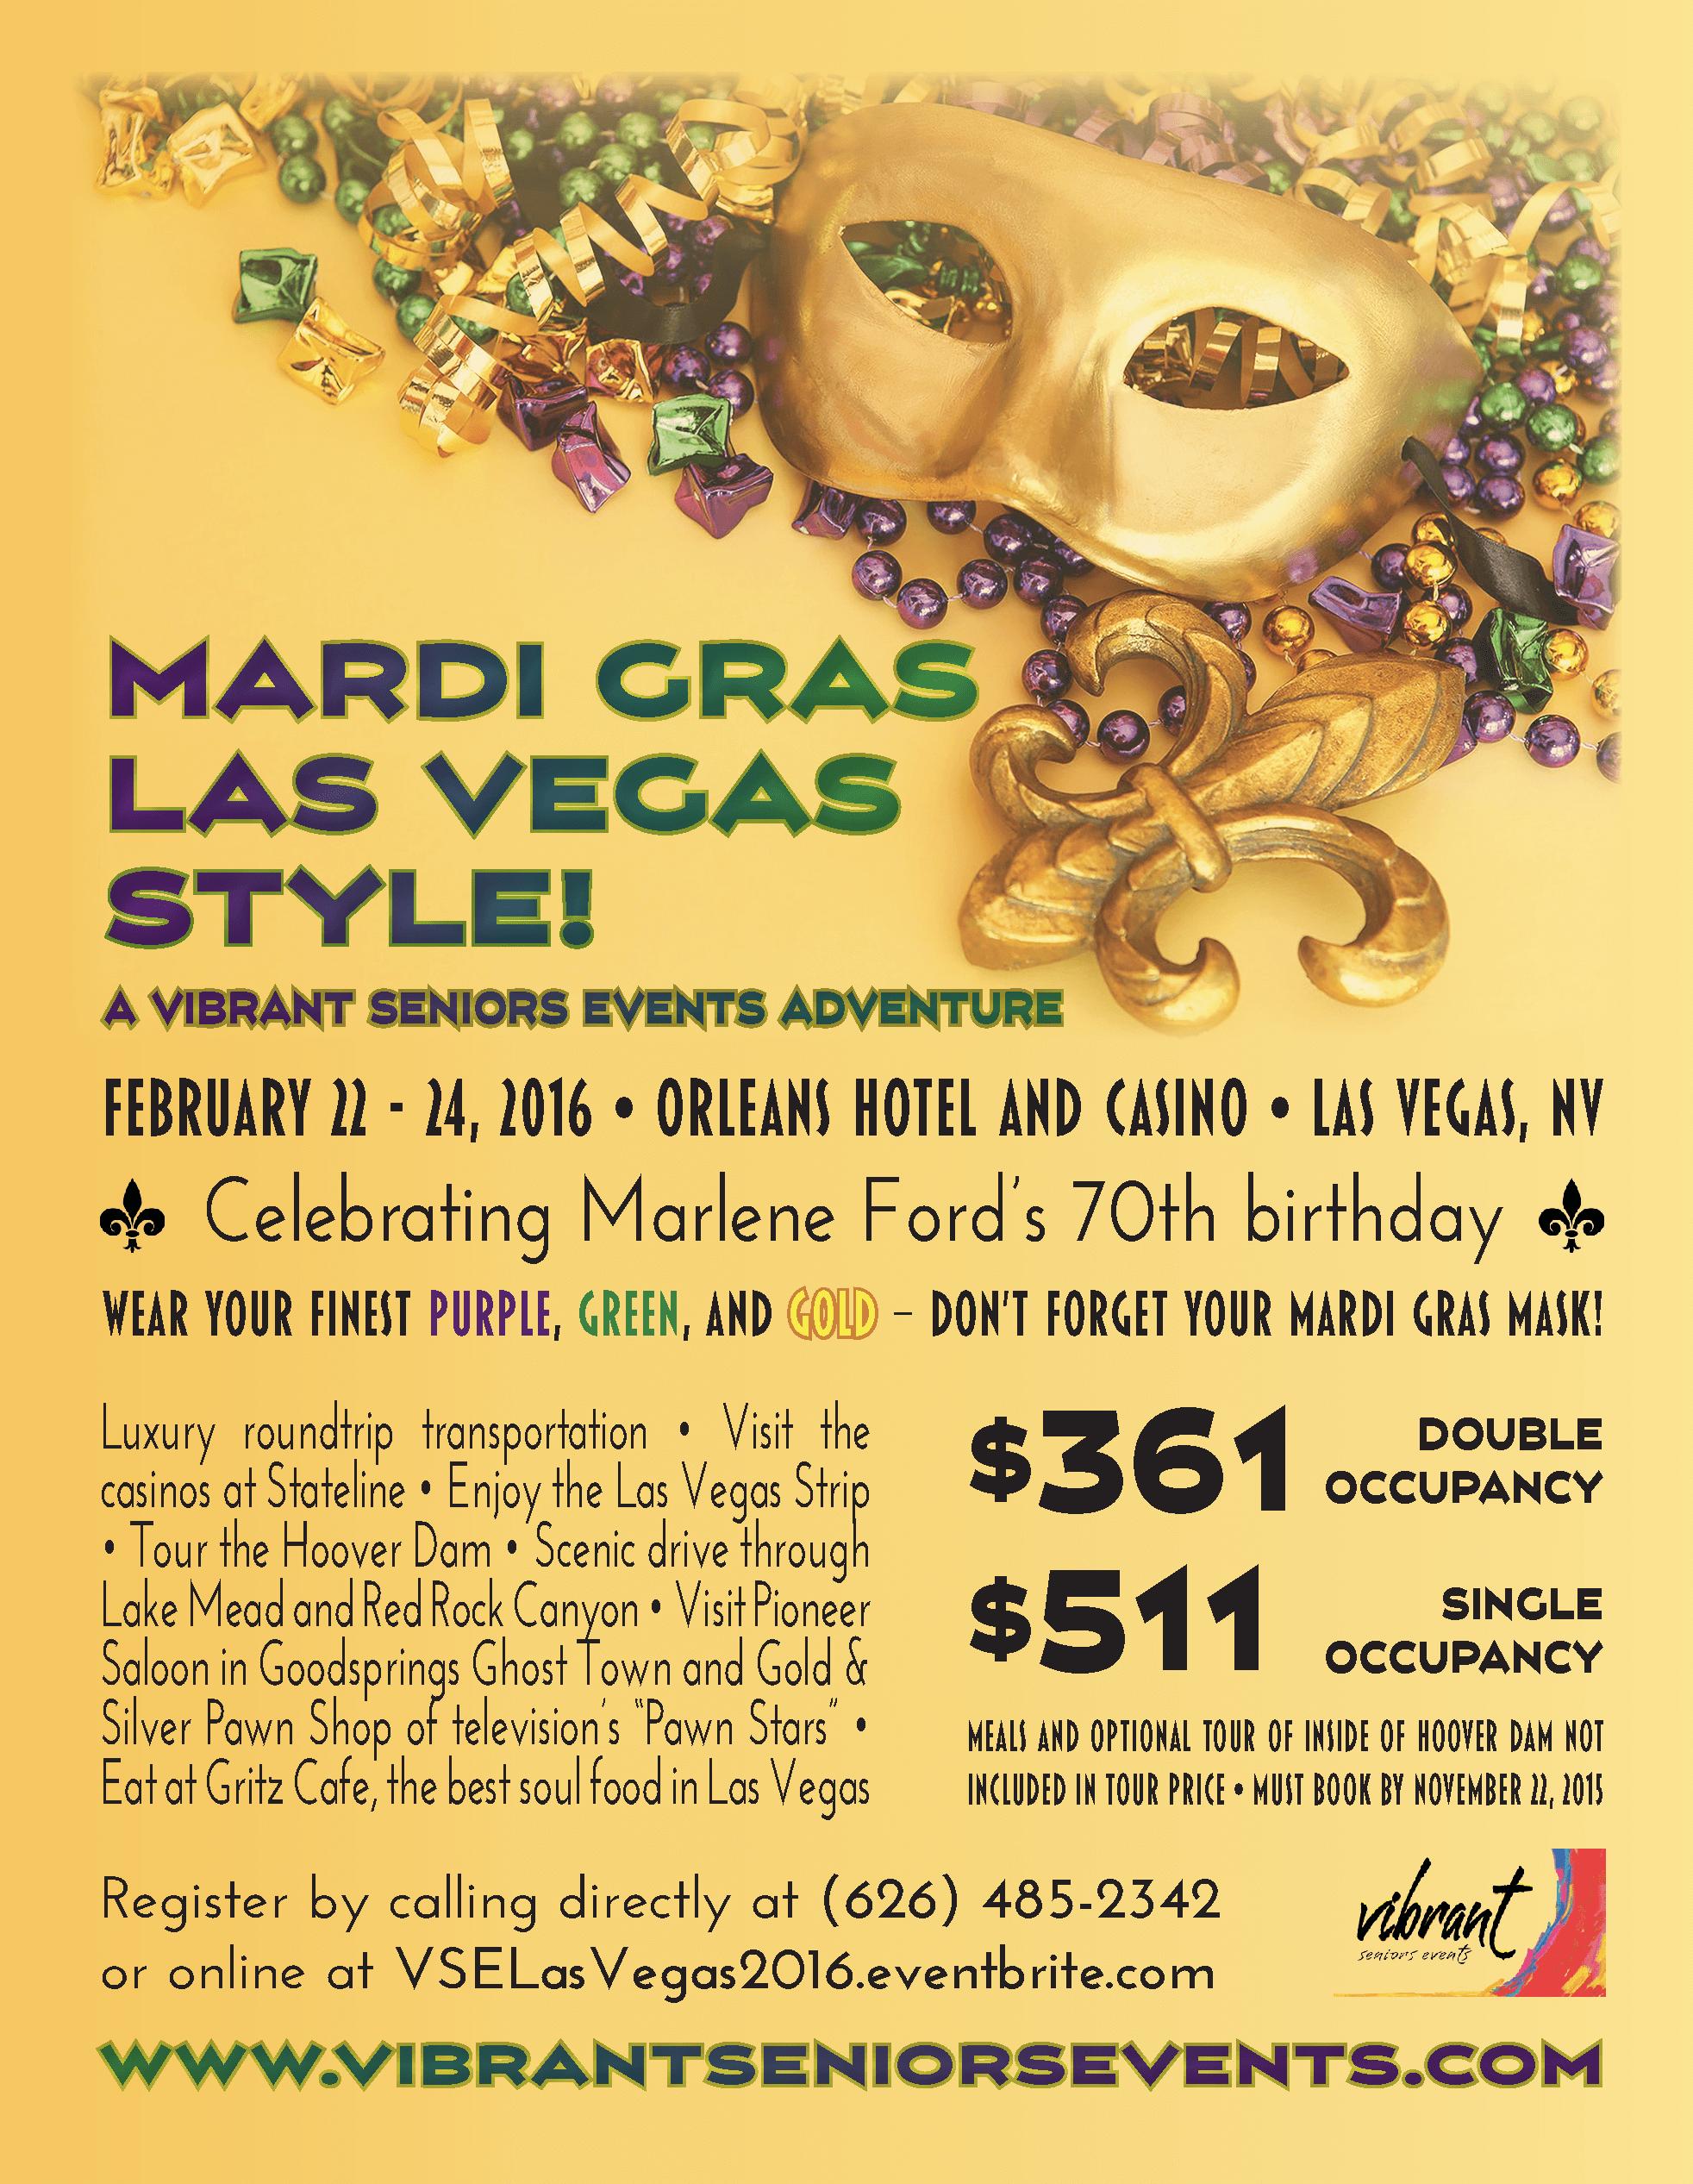 Vibrant Seniors Events Las Vegas flyer